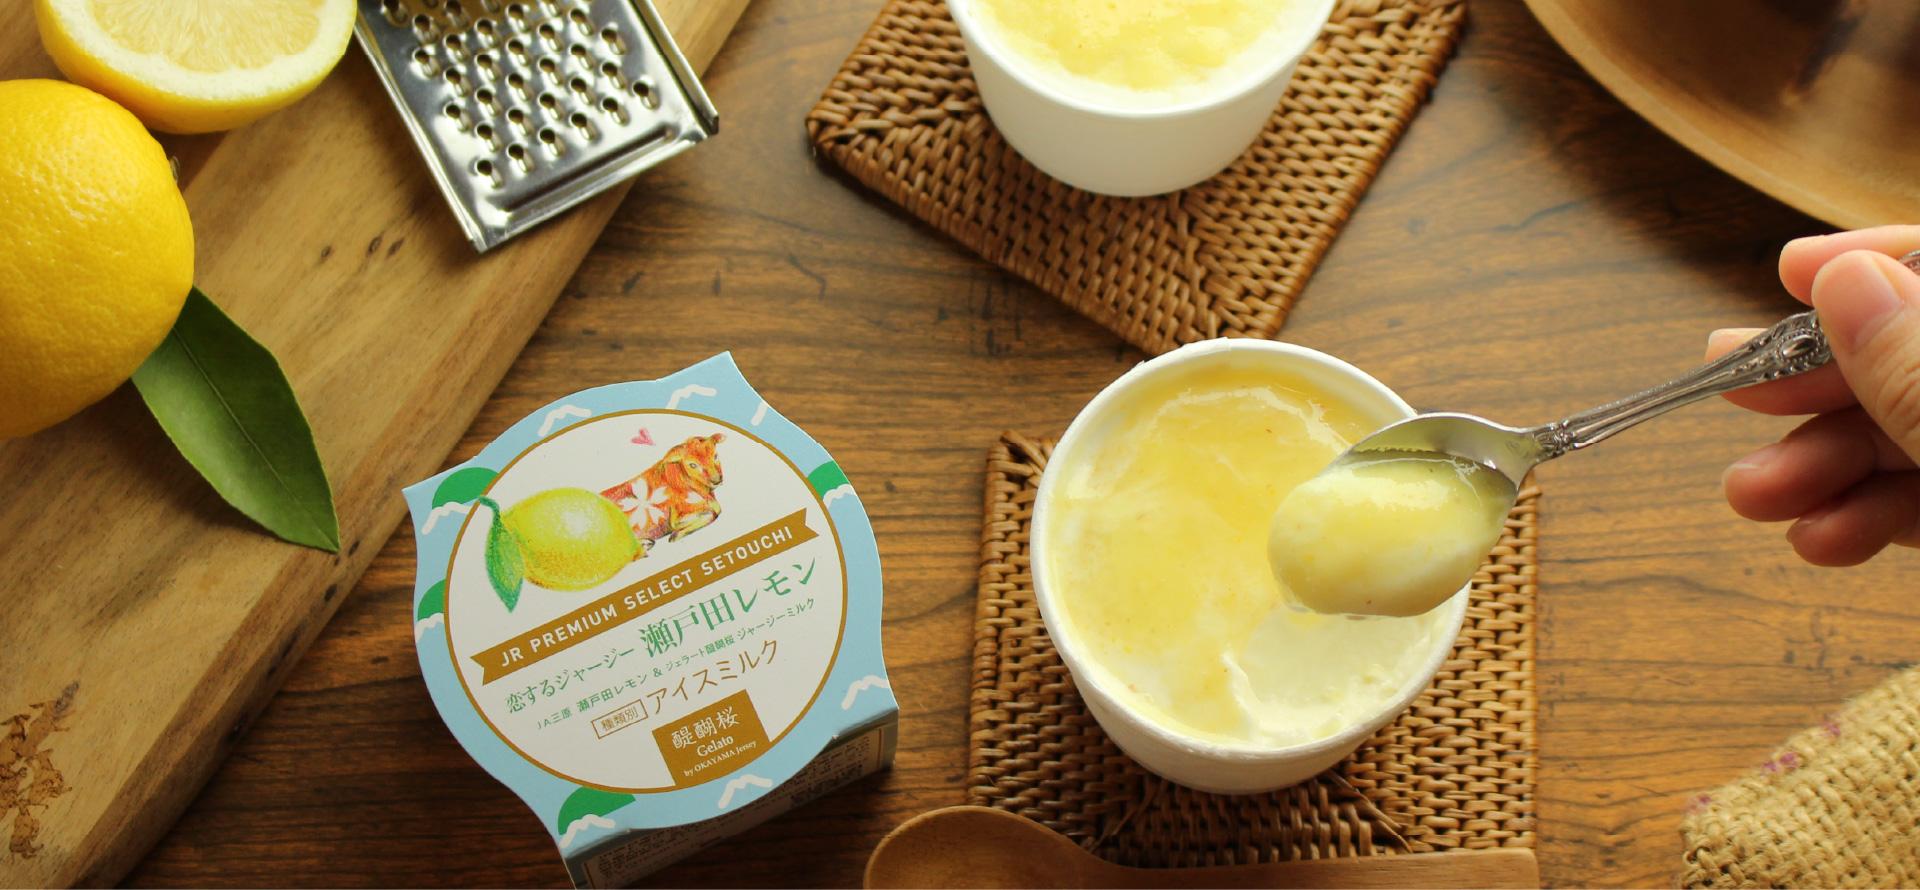 瀬戸田レモンのソースをトッピングした 濃厚なミルクジェラート  「恋するジャージー 瀬戸田レモン」